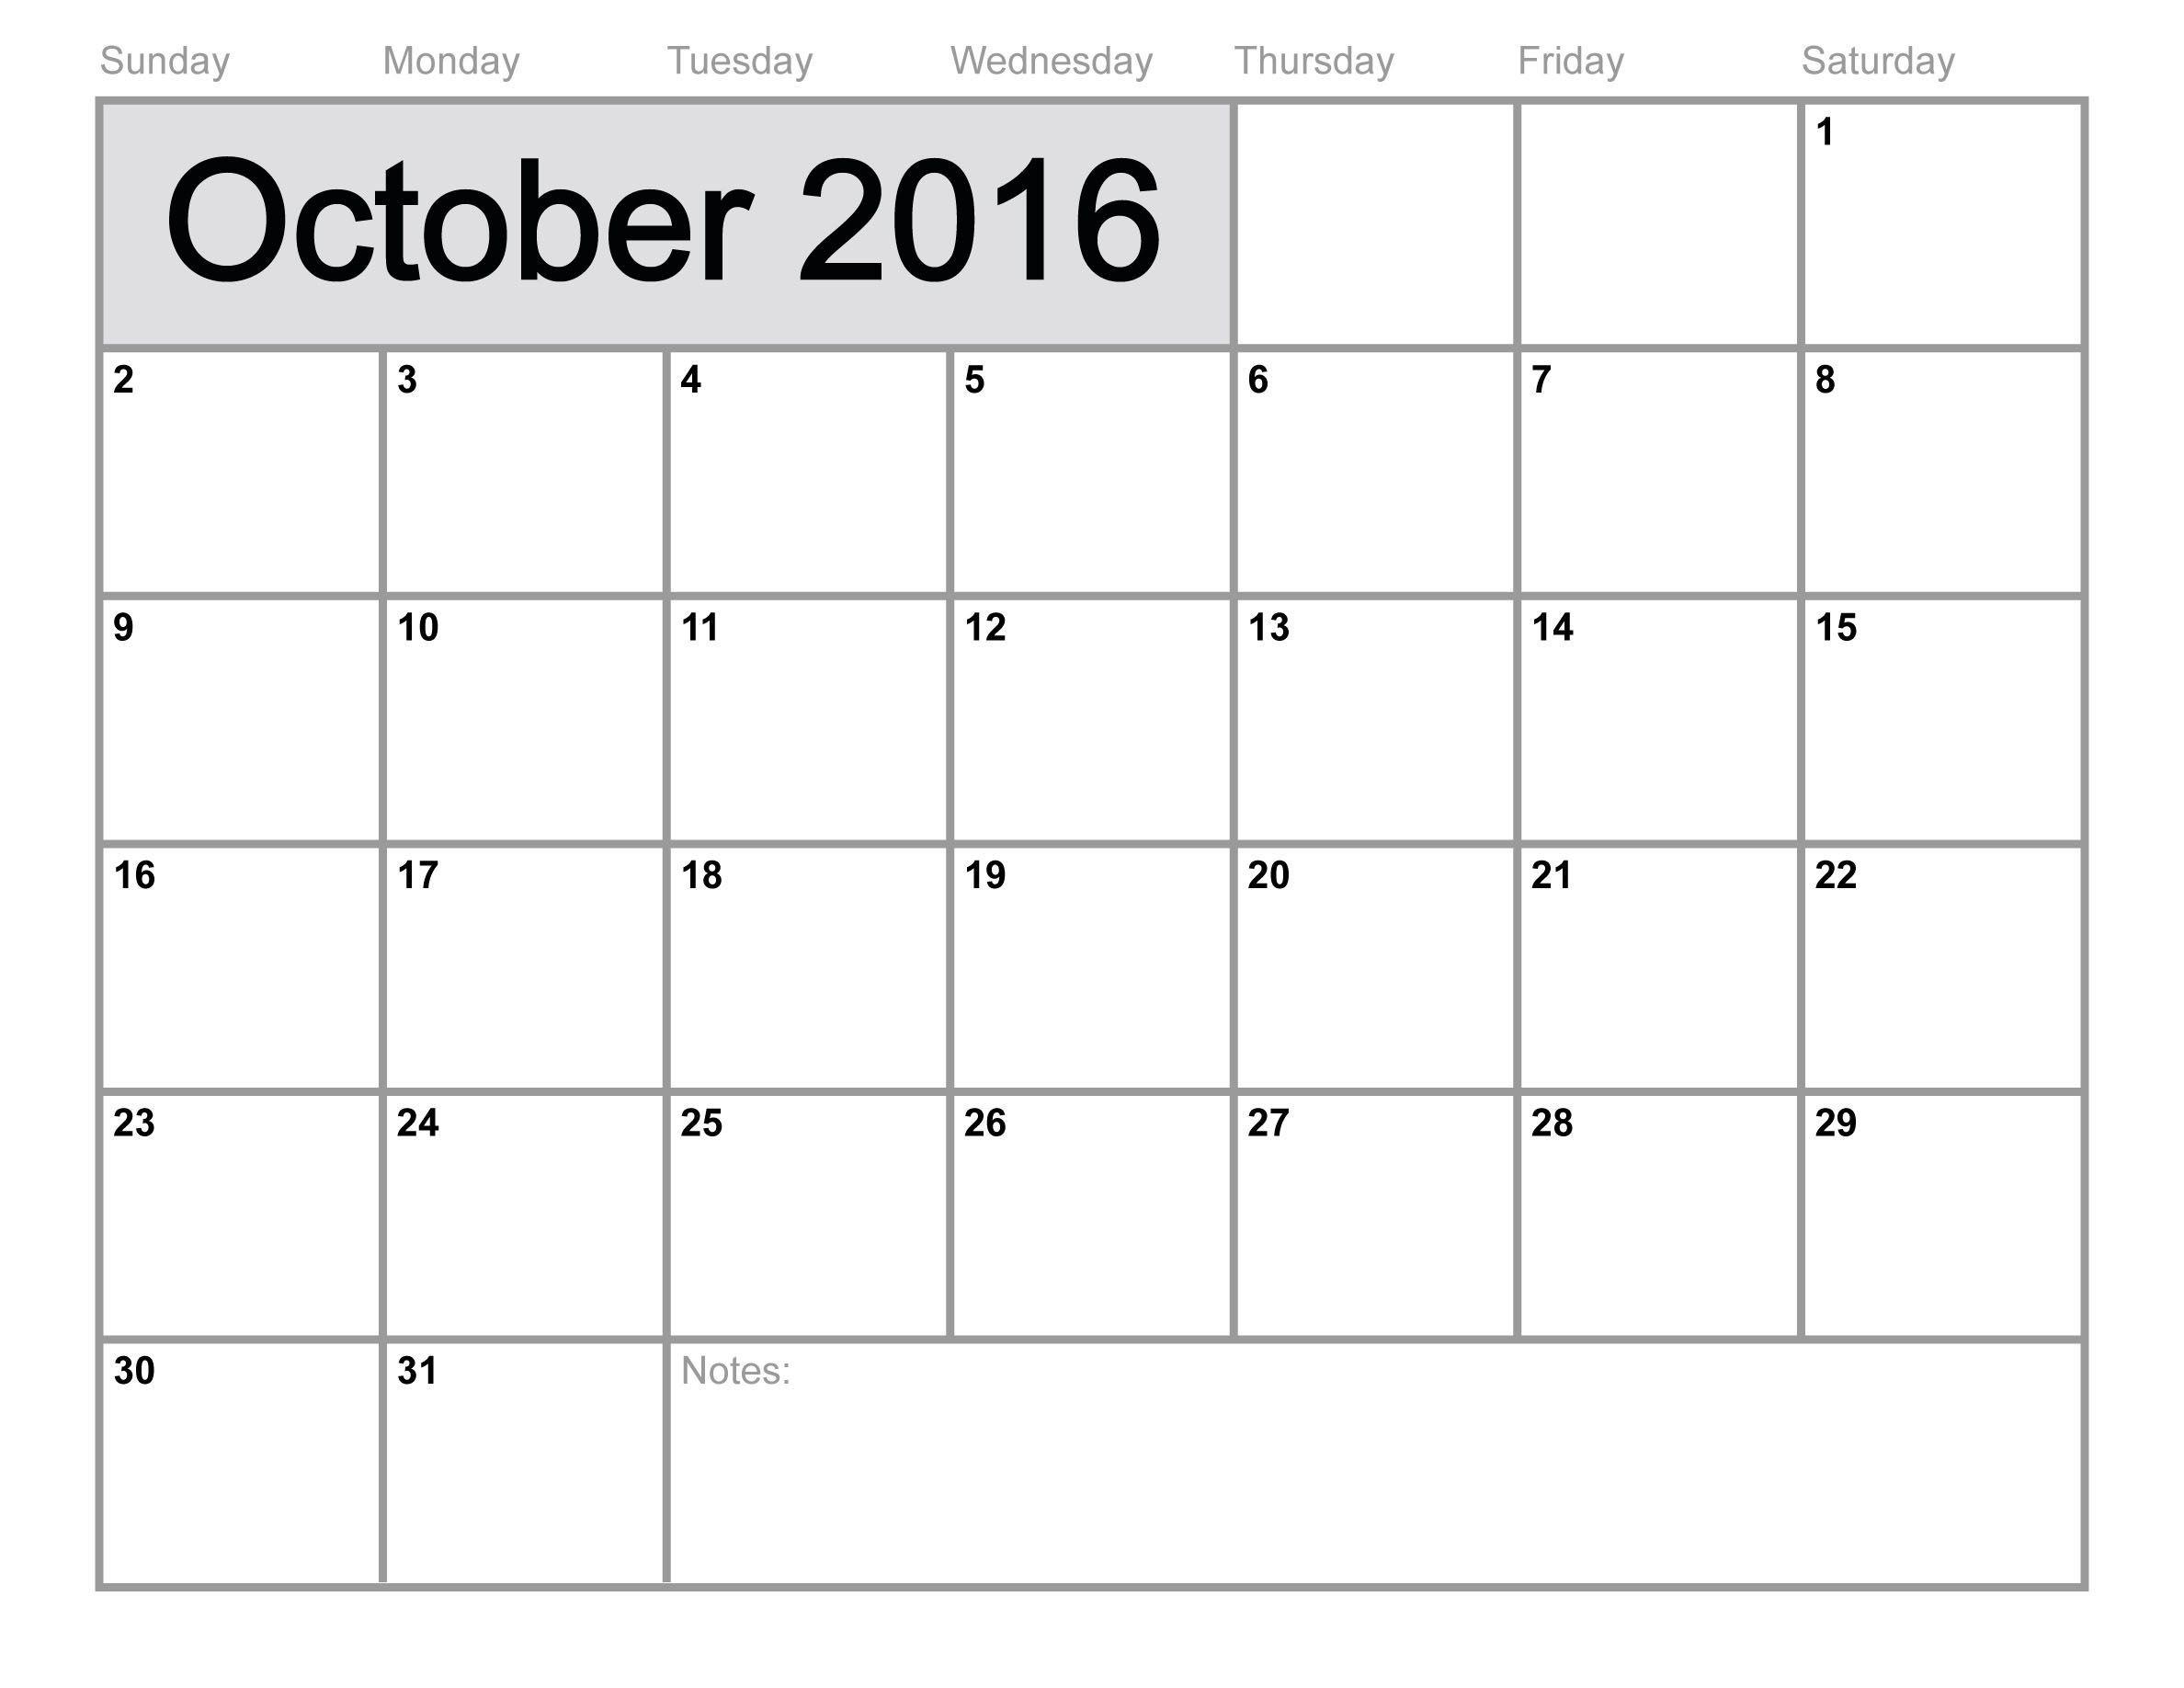 Calendario Noviembre 2017 Imprimir Gratis Más Recientemente Liberado October 2016 Calendar Printable Template 8 Templates Of Calendario Noviembre 2017 Imprimir Gratis Mejores Y Más Novedosos Calendario Noviembre 2018 Colombia